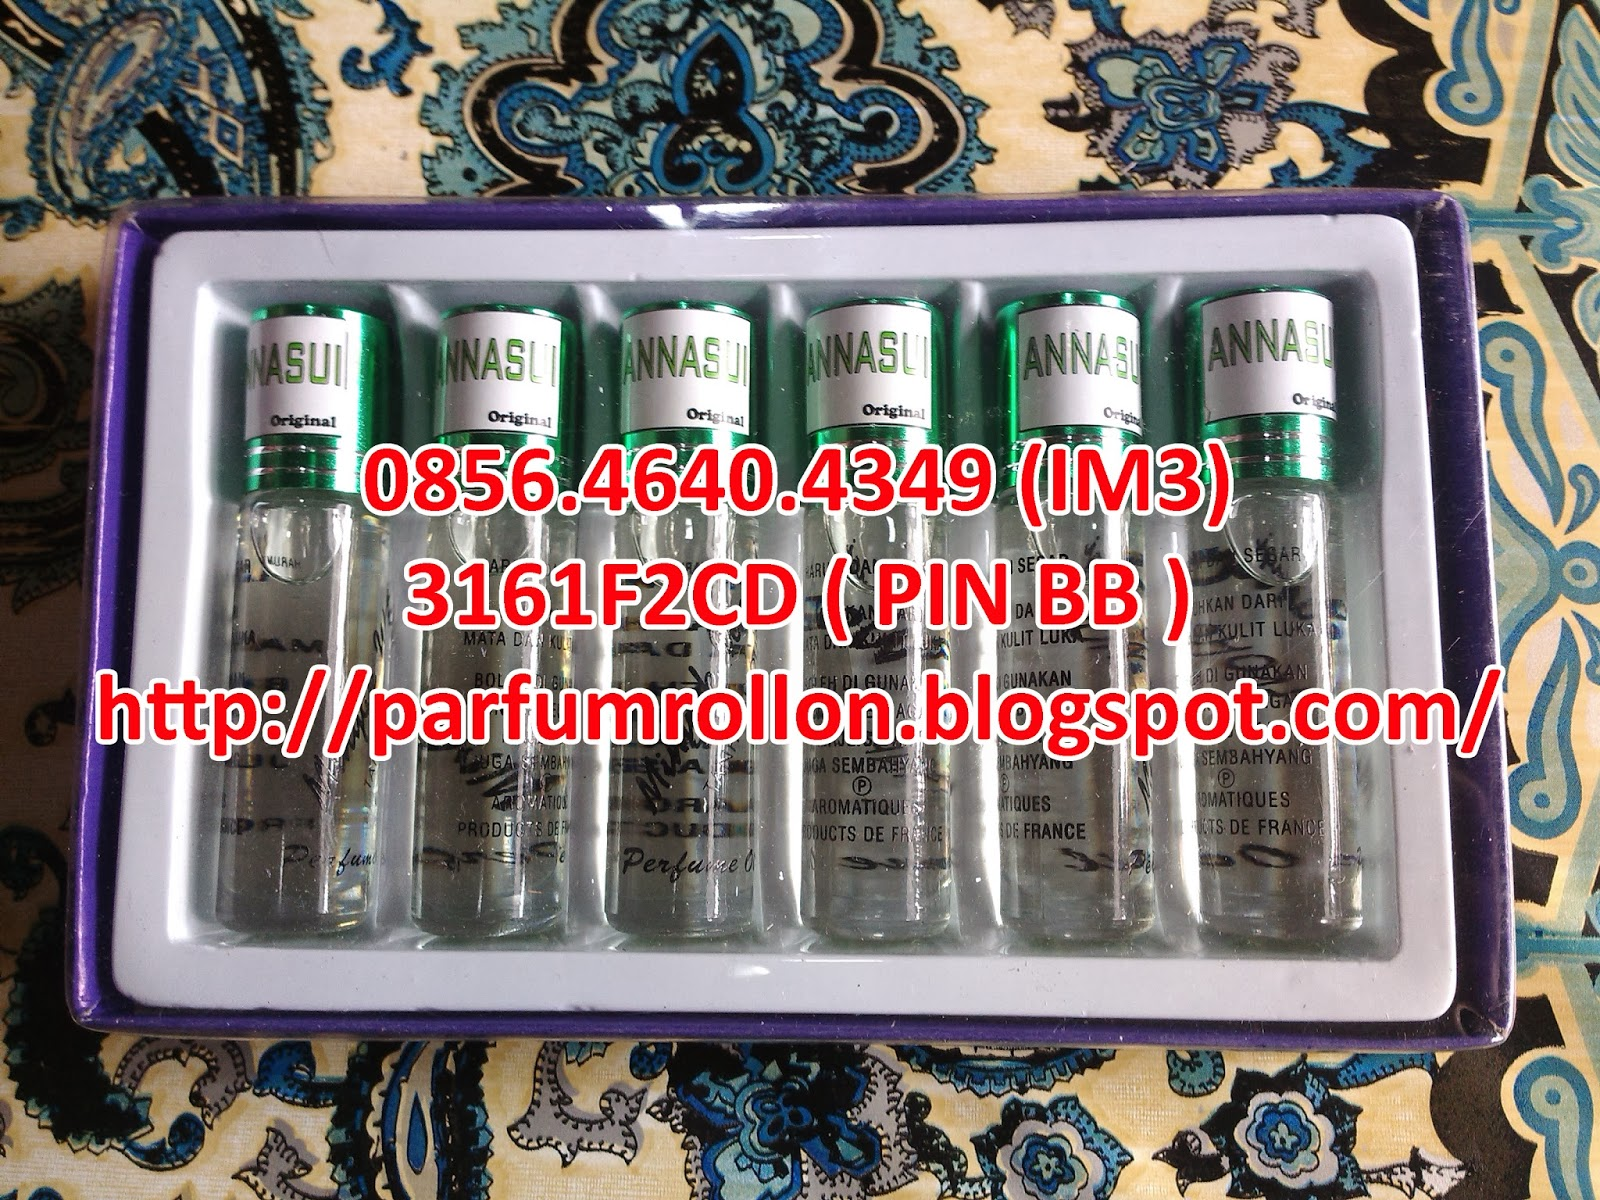 parfum online di Indonesia, parfum online indonesia, toko parfum online indonesia, 0856.4640.4349